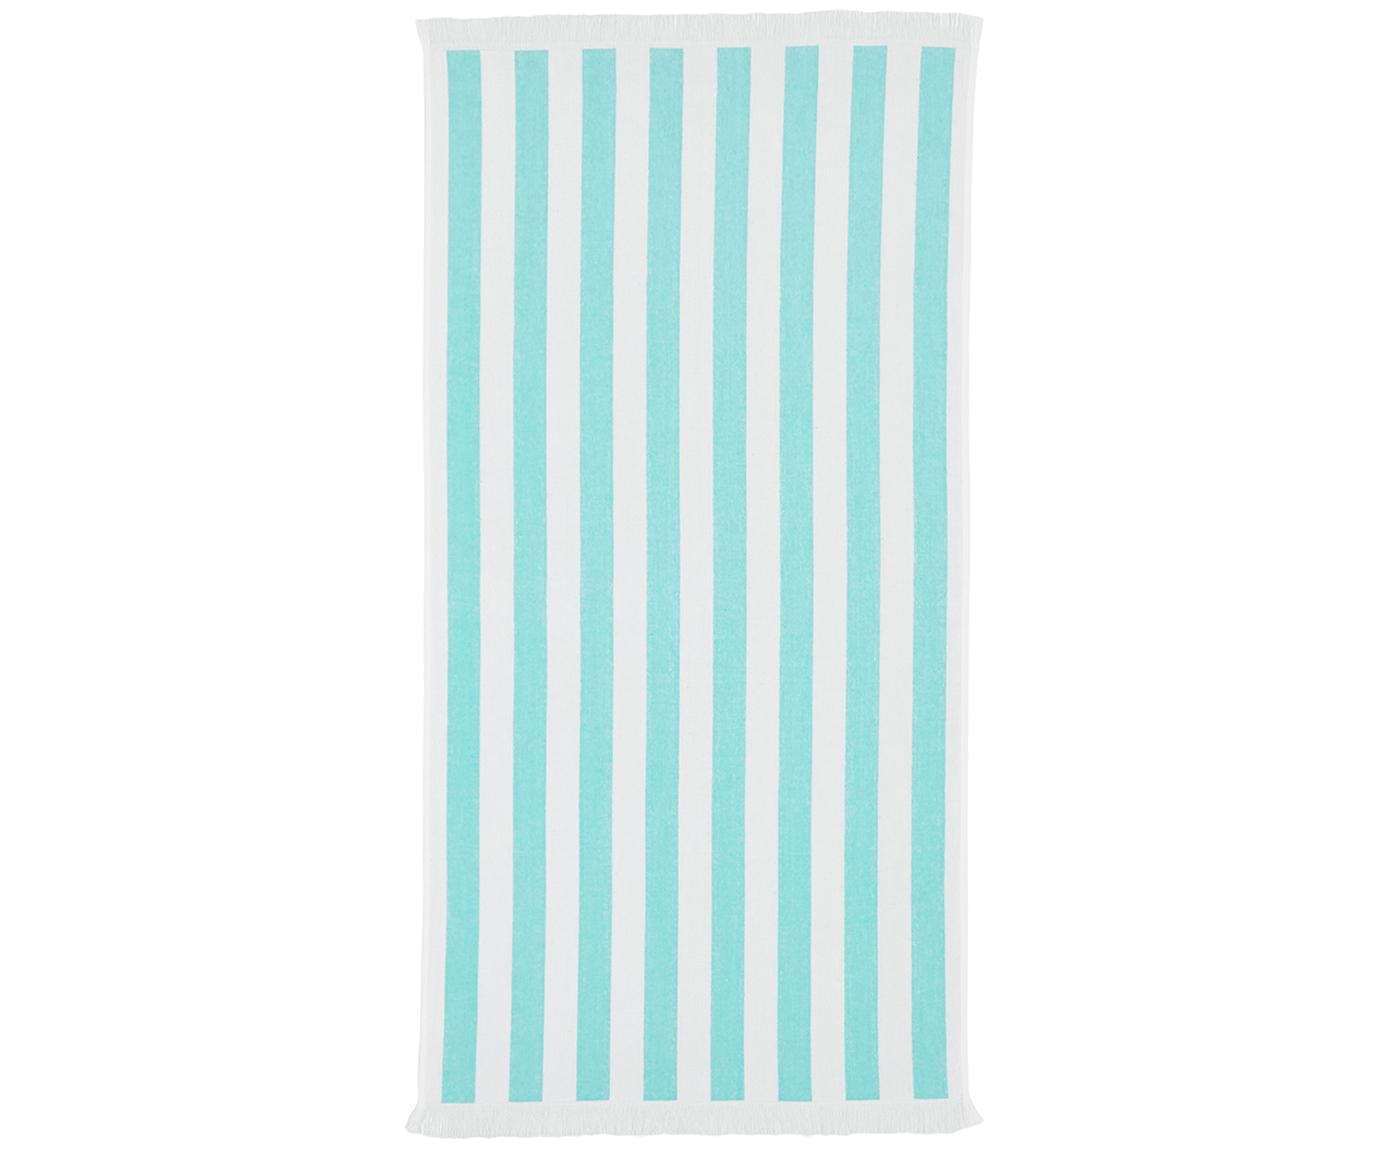 Gestreiftes Strandtuch Mare, 100% Baumwolle leichte Qualität 380 g/m², Türkis, Weiß, 80 x 160 cm